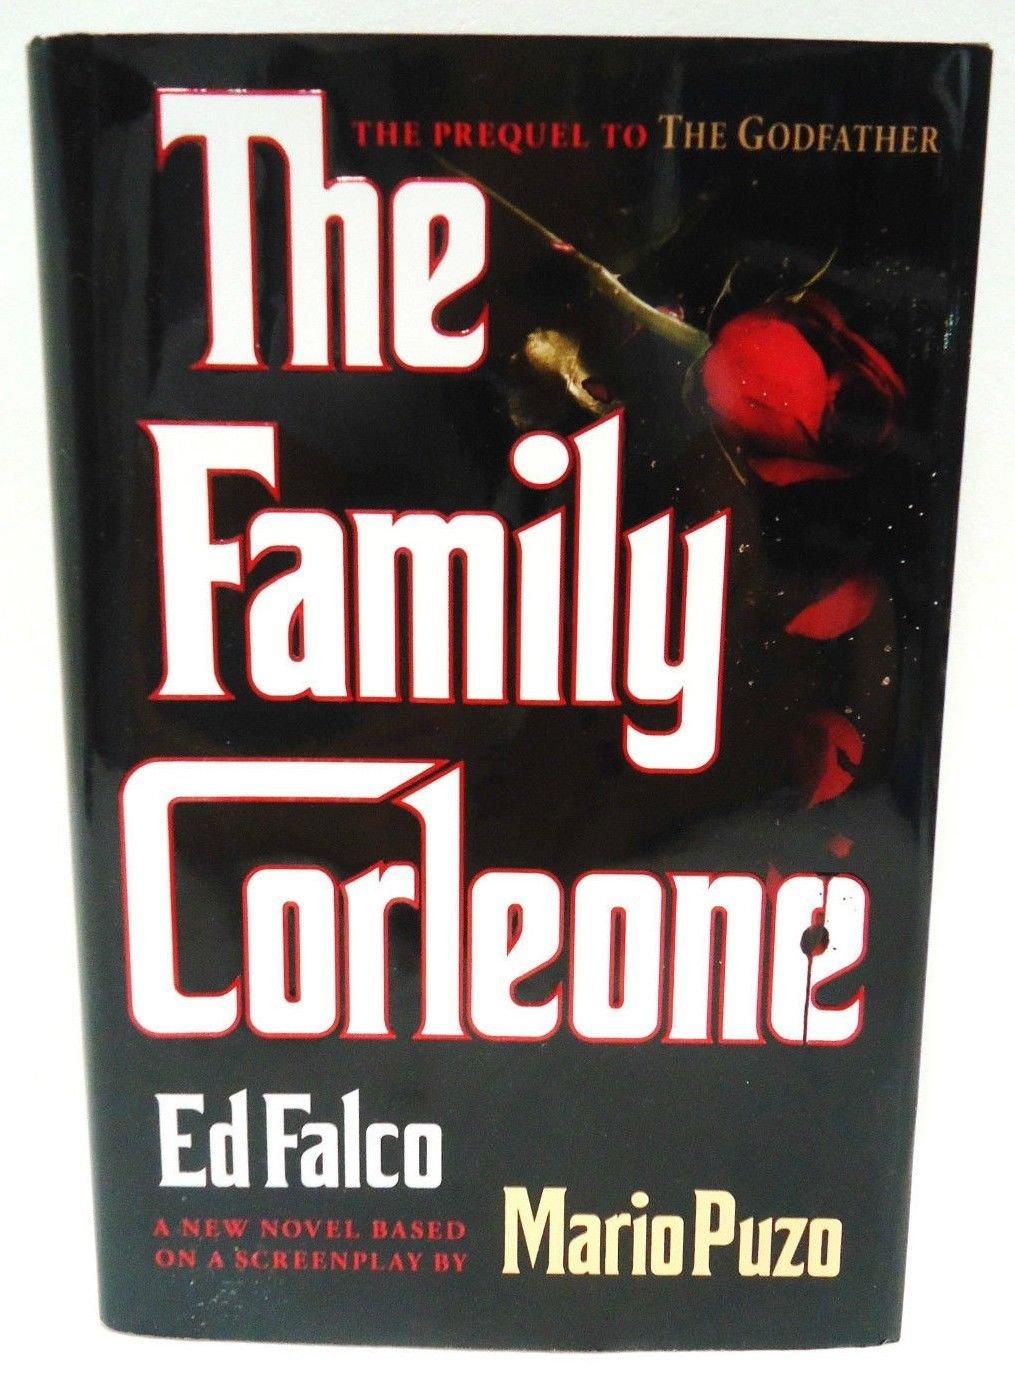 THE FAMILY CORLEONE - THE GODFATHER - PREQUEL - MARIO PUZO - BRAND NEW - BOOK